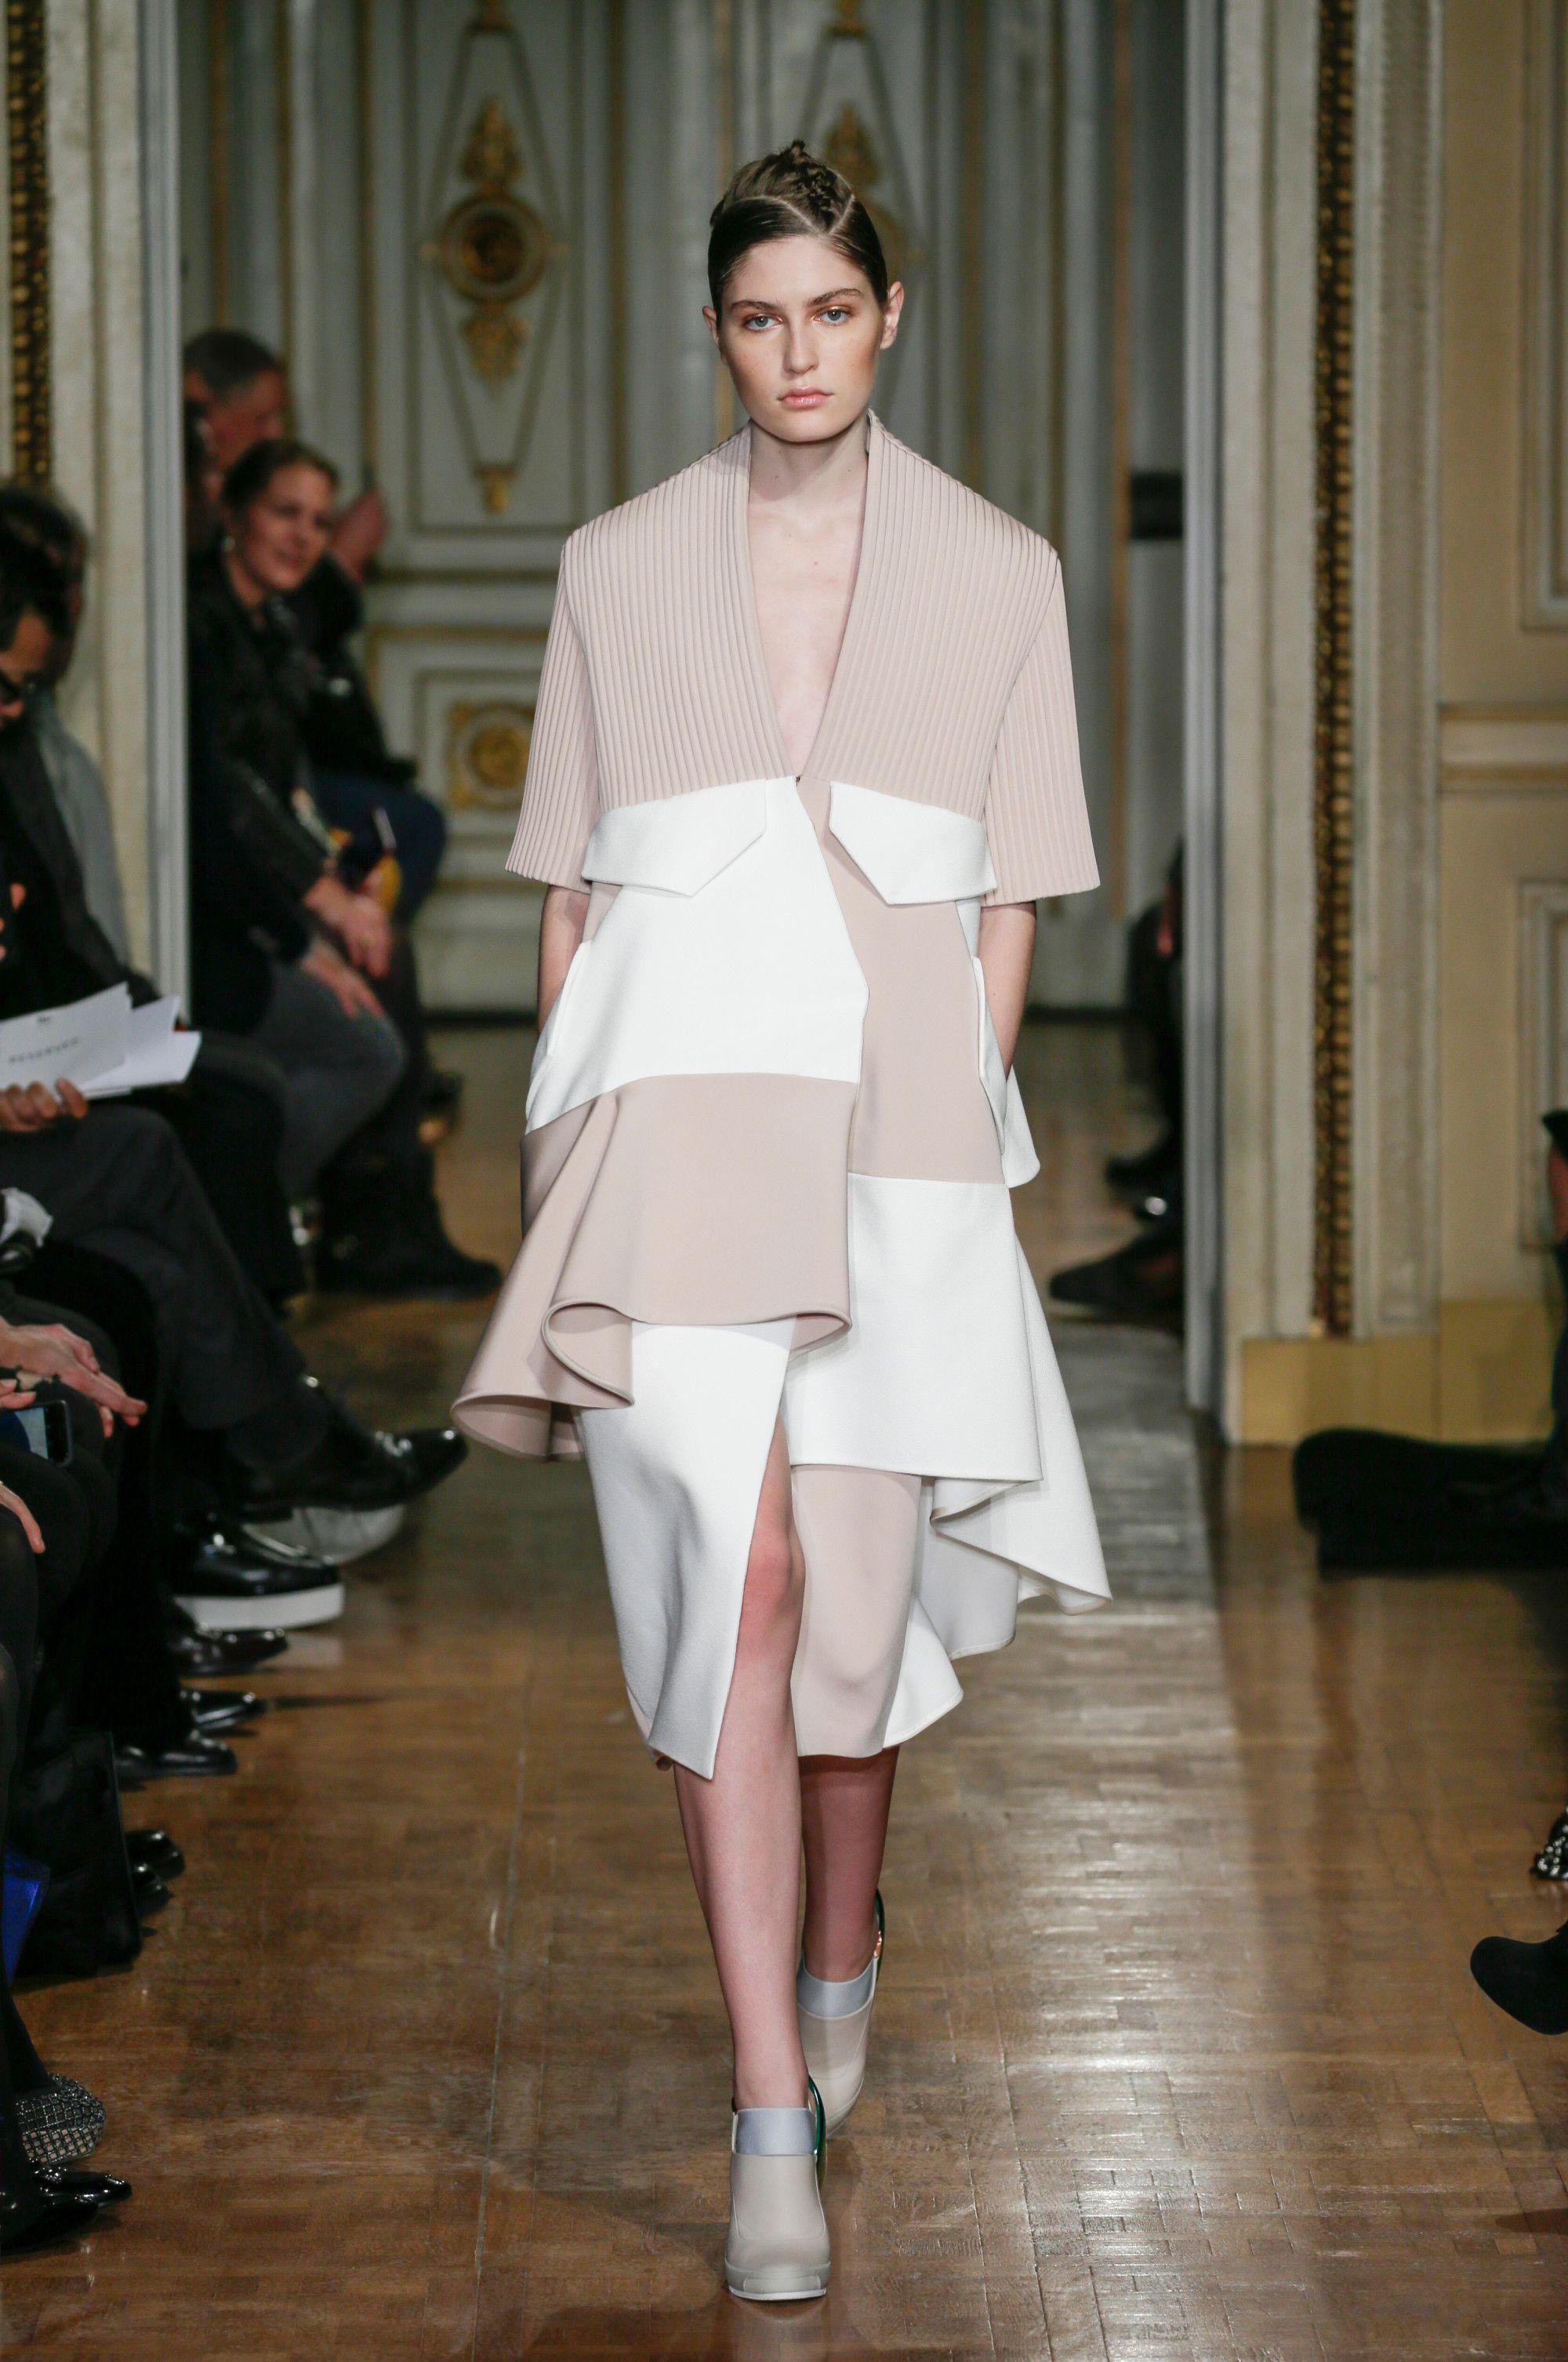 Ilja fashion and couture